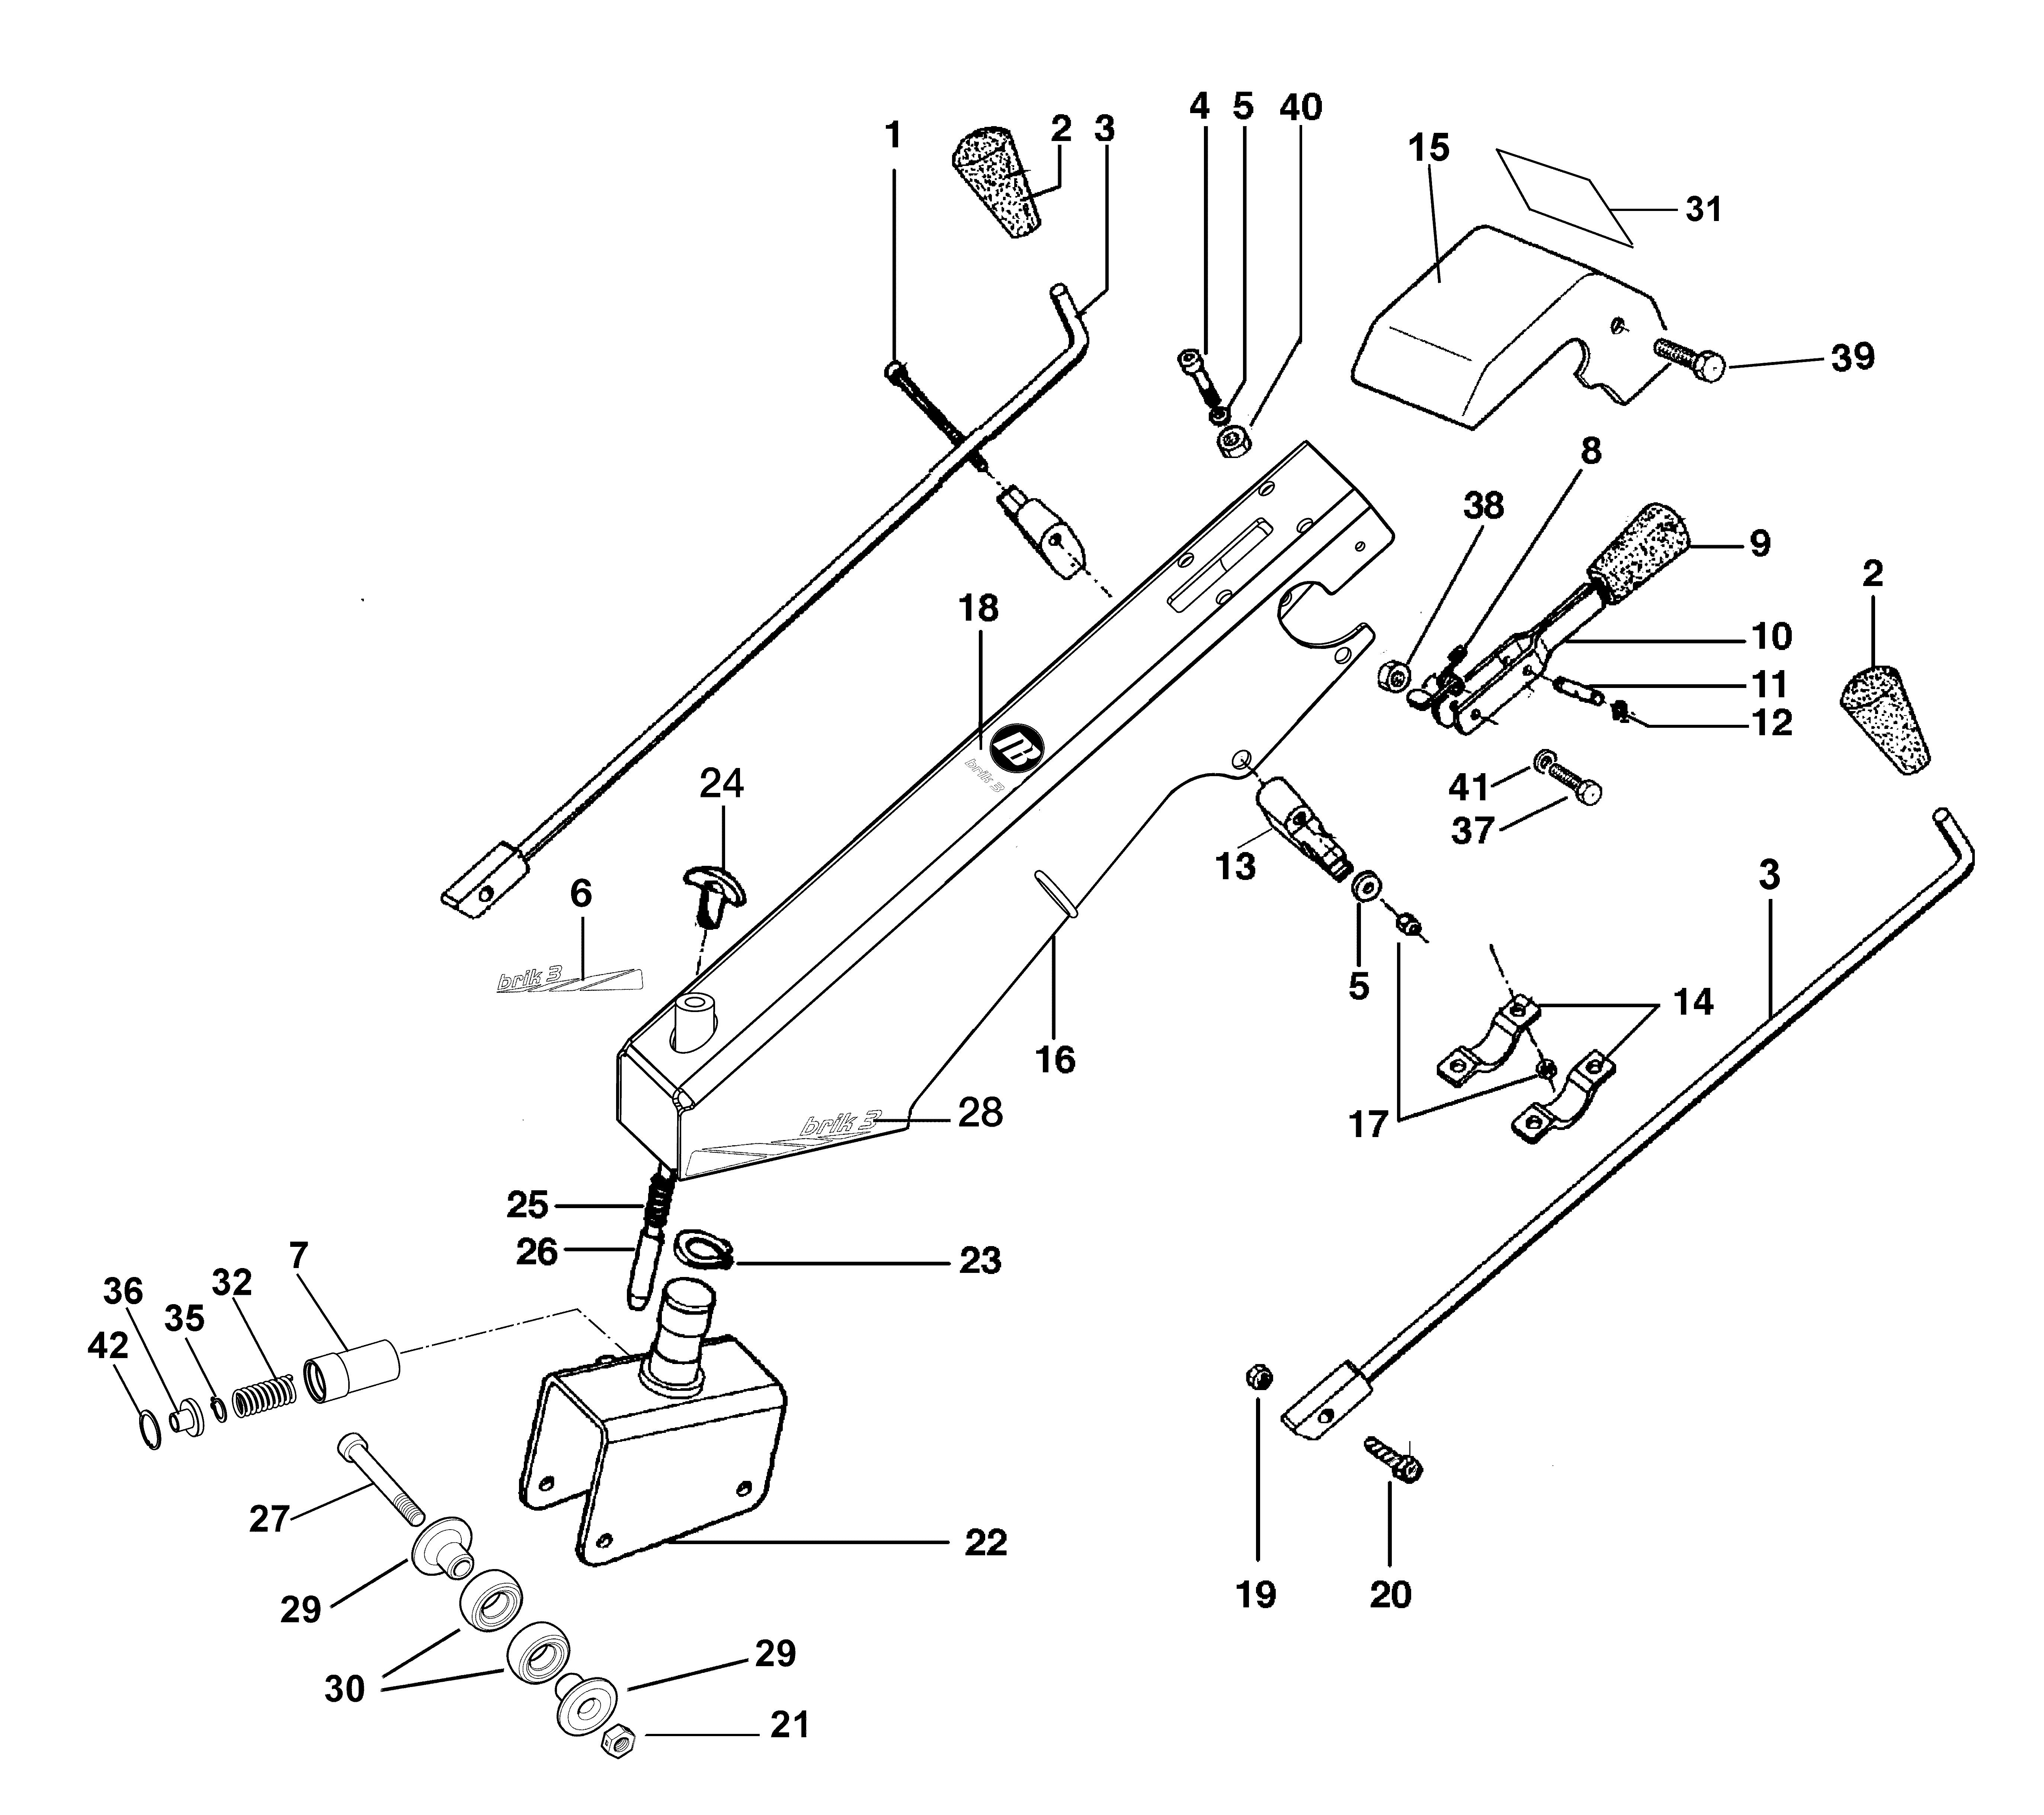 BRIK 3 (EN 709) Motoculteur OLEOMAC NIBBI vue éclatée Dessins pièces -  Tige guidon et mancheron